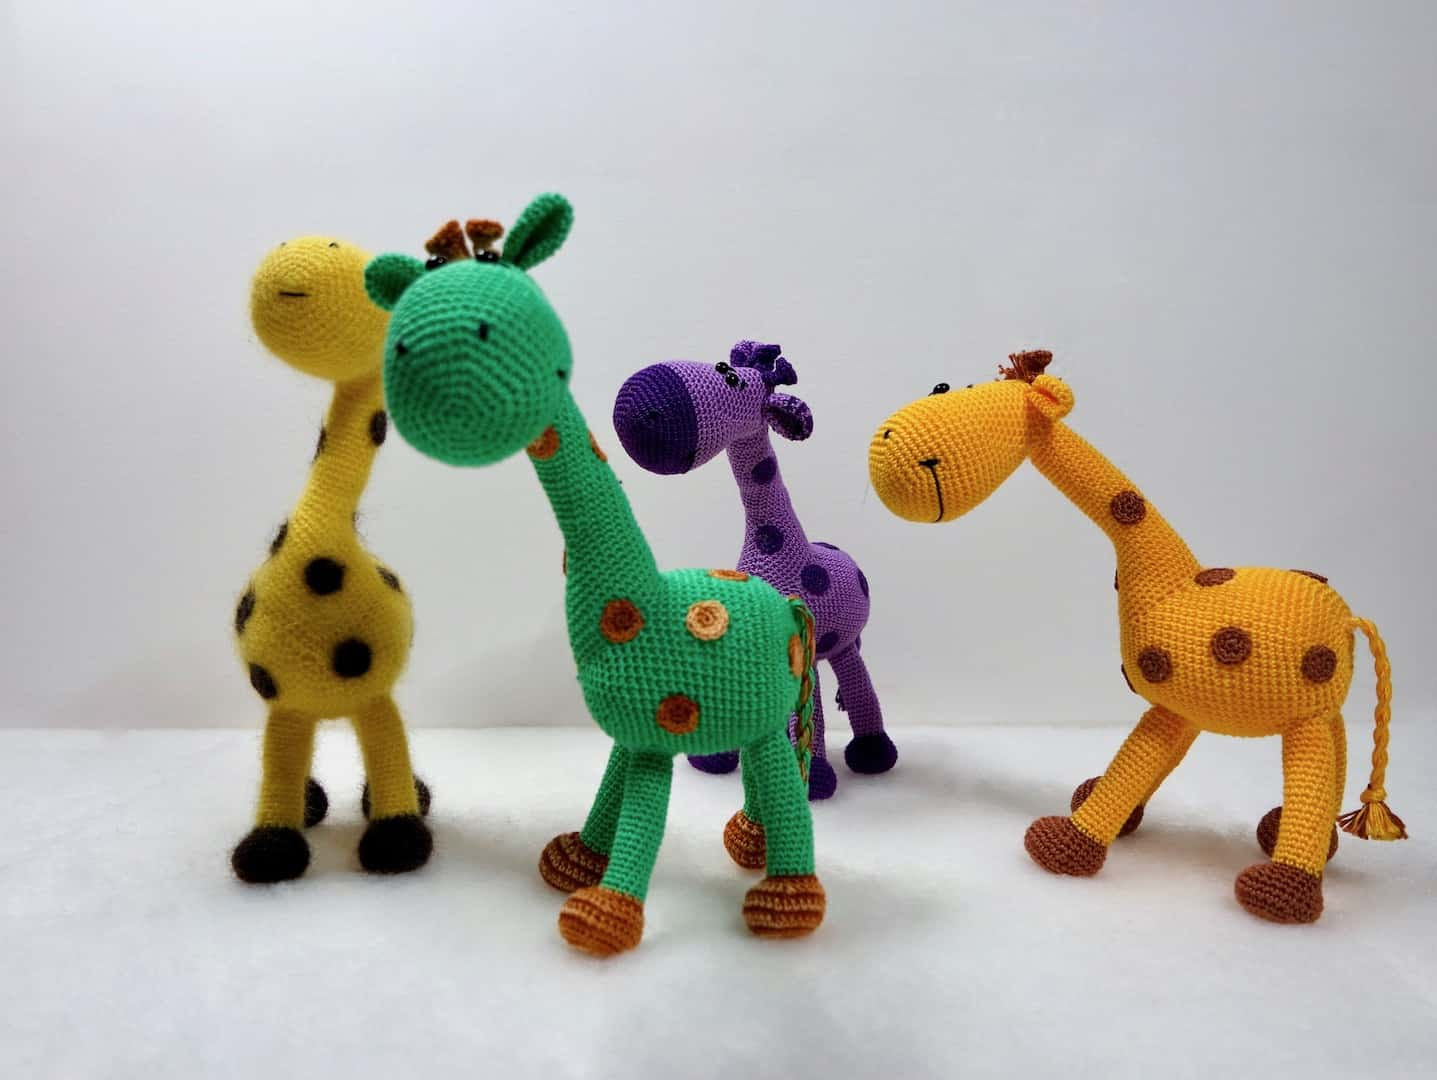 Amigurumi Giraffe häkeln - kostenlose & einfache Anleitung in 2020 ... | 1080x1437